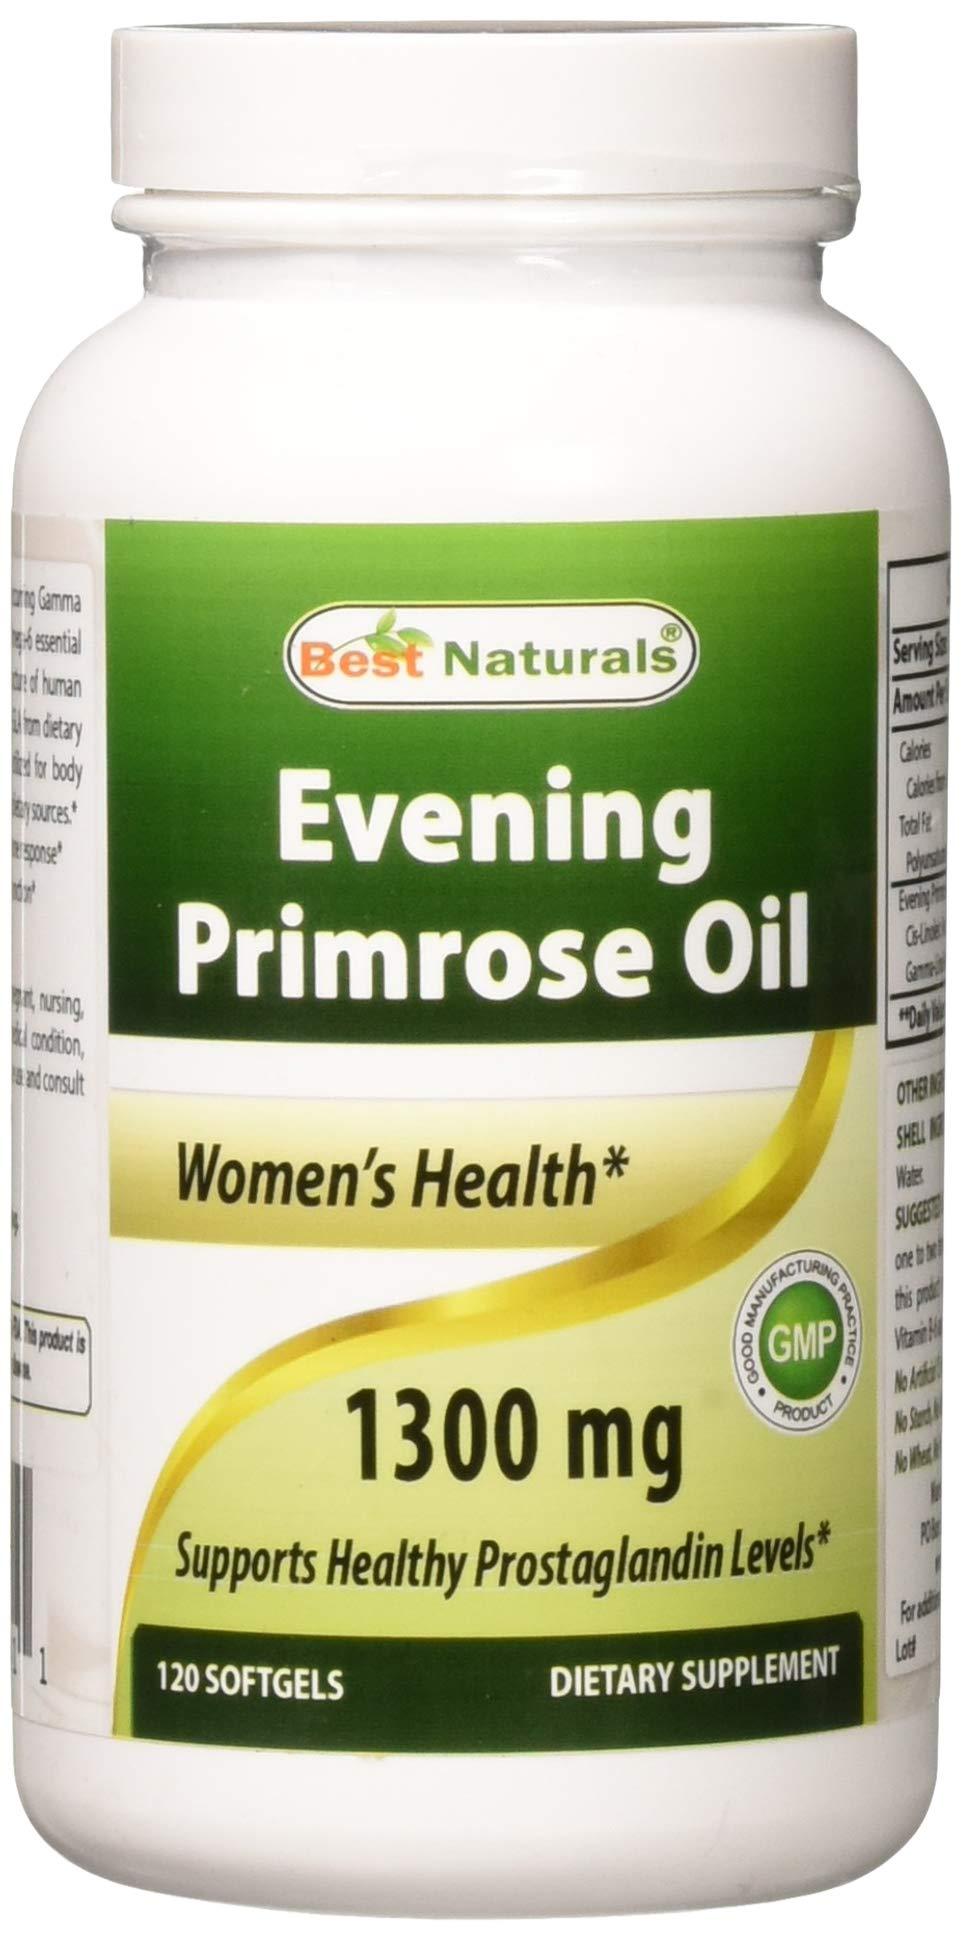 Best Naturals, Evening Primrose Oil Cold Pressed 1300 mg, 120 Softgels